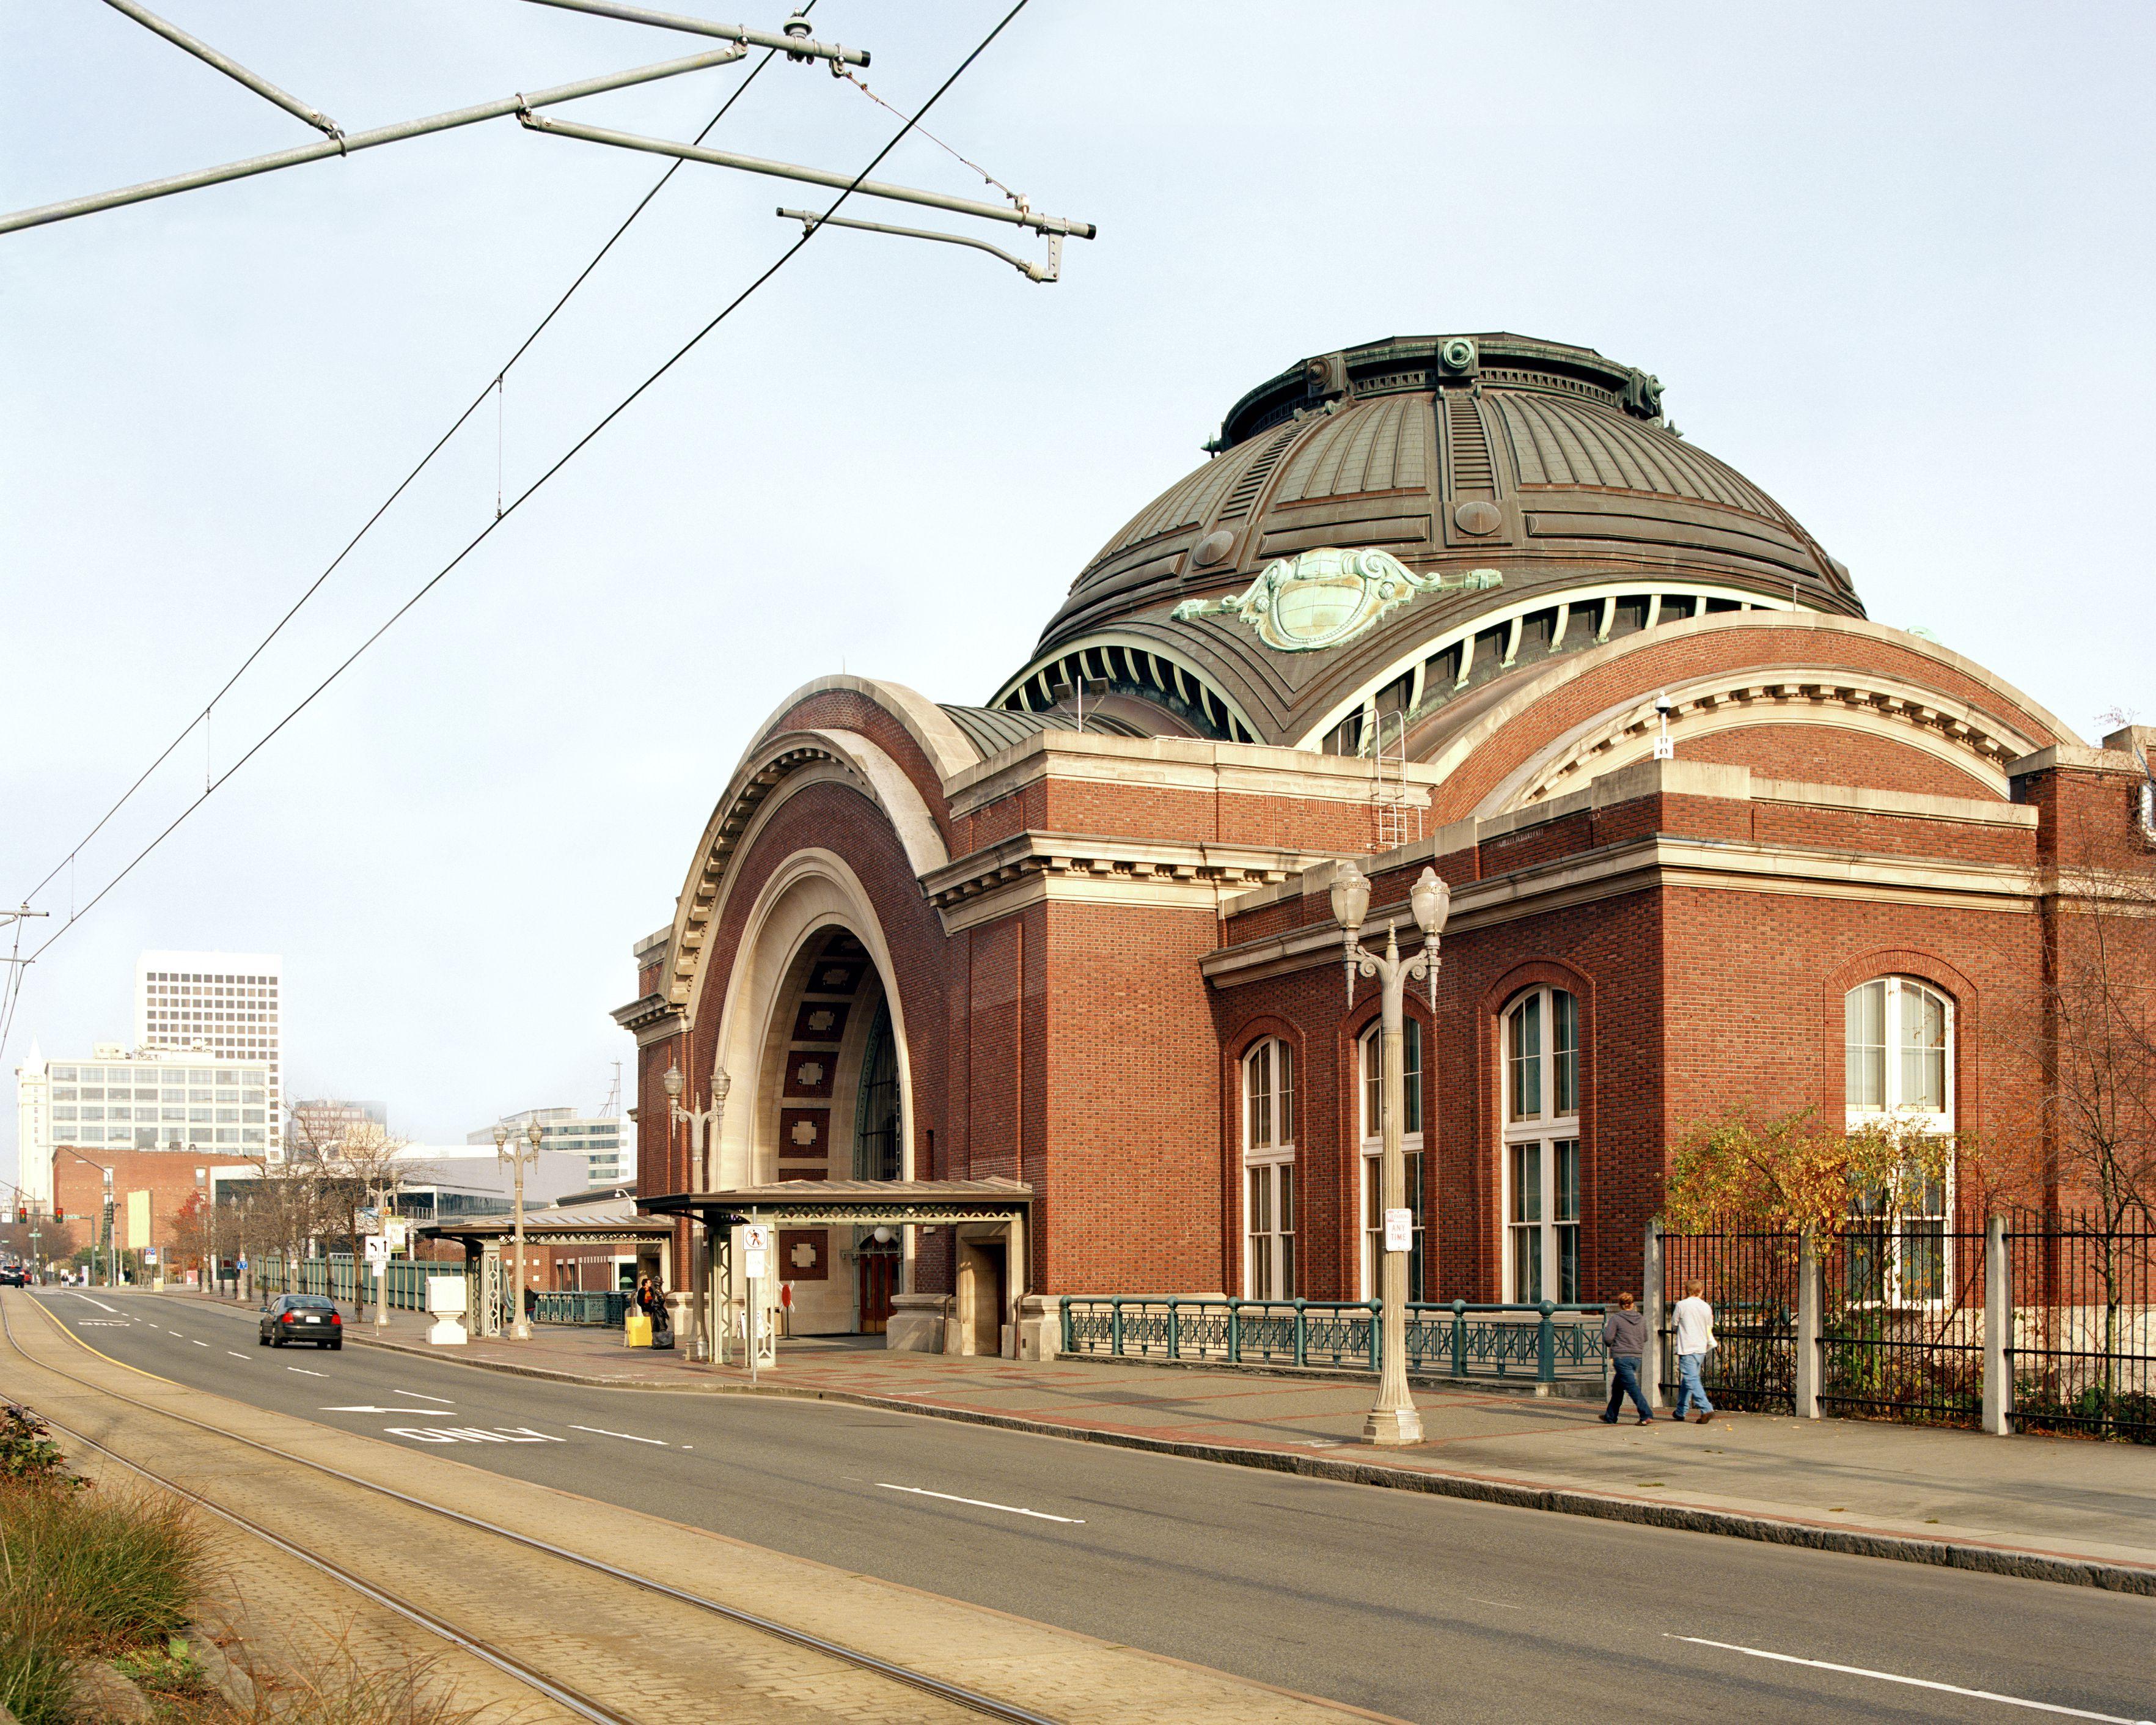 Outside the Historic Union Station, Tacoma, Washington